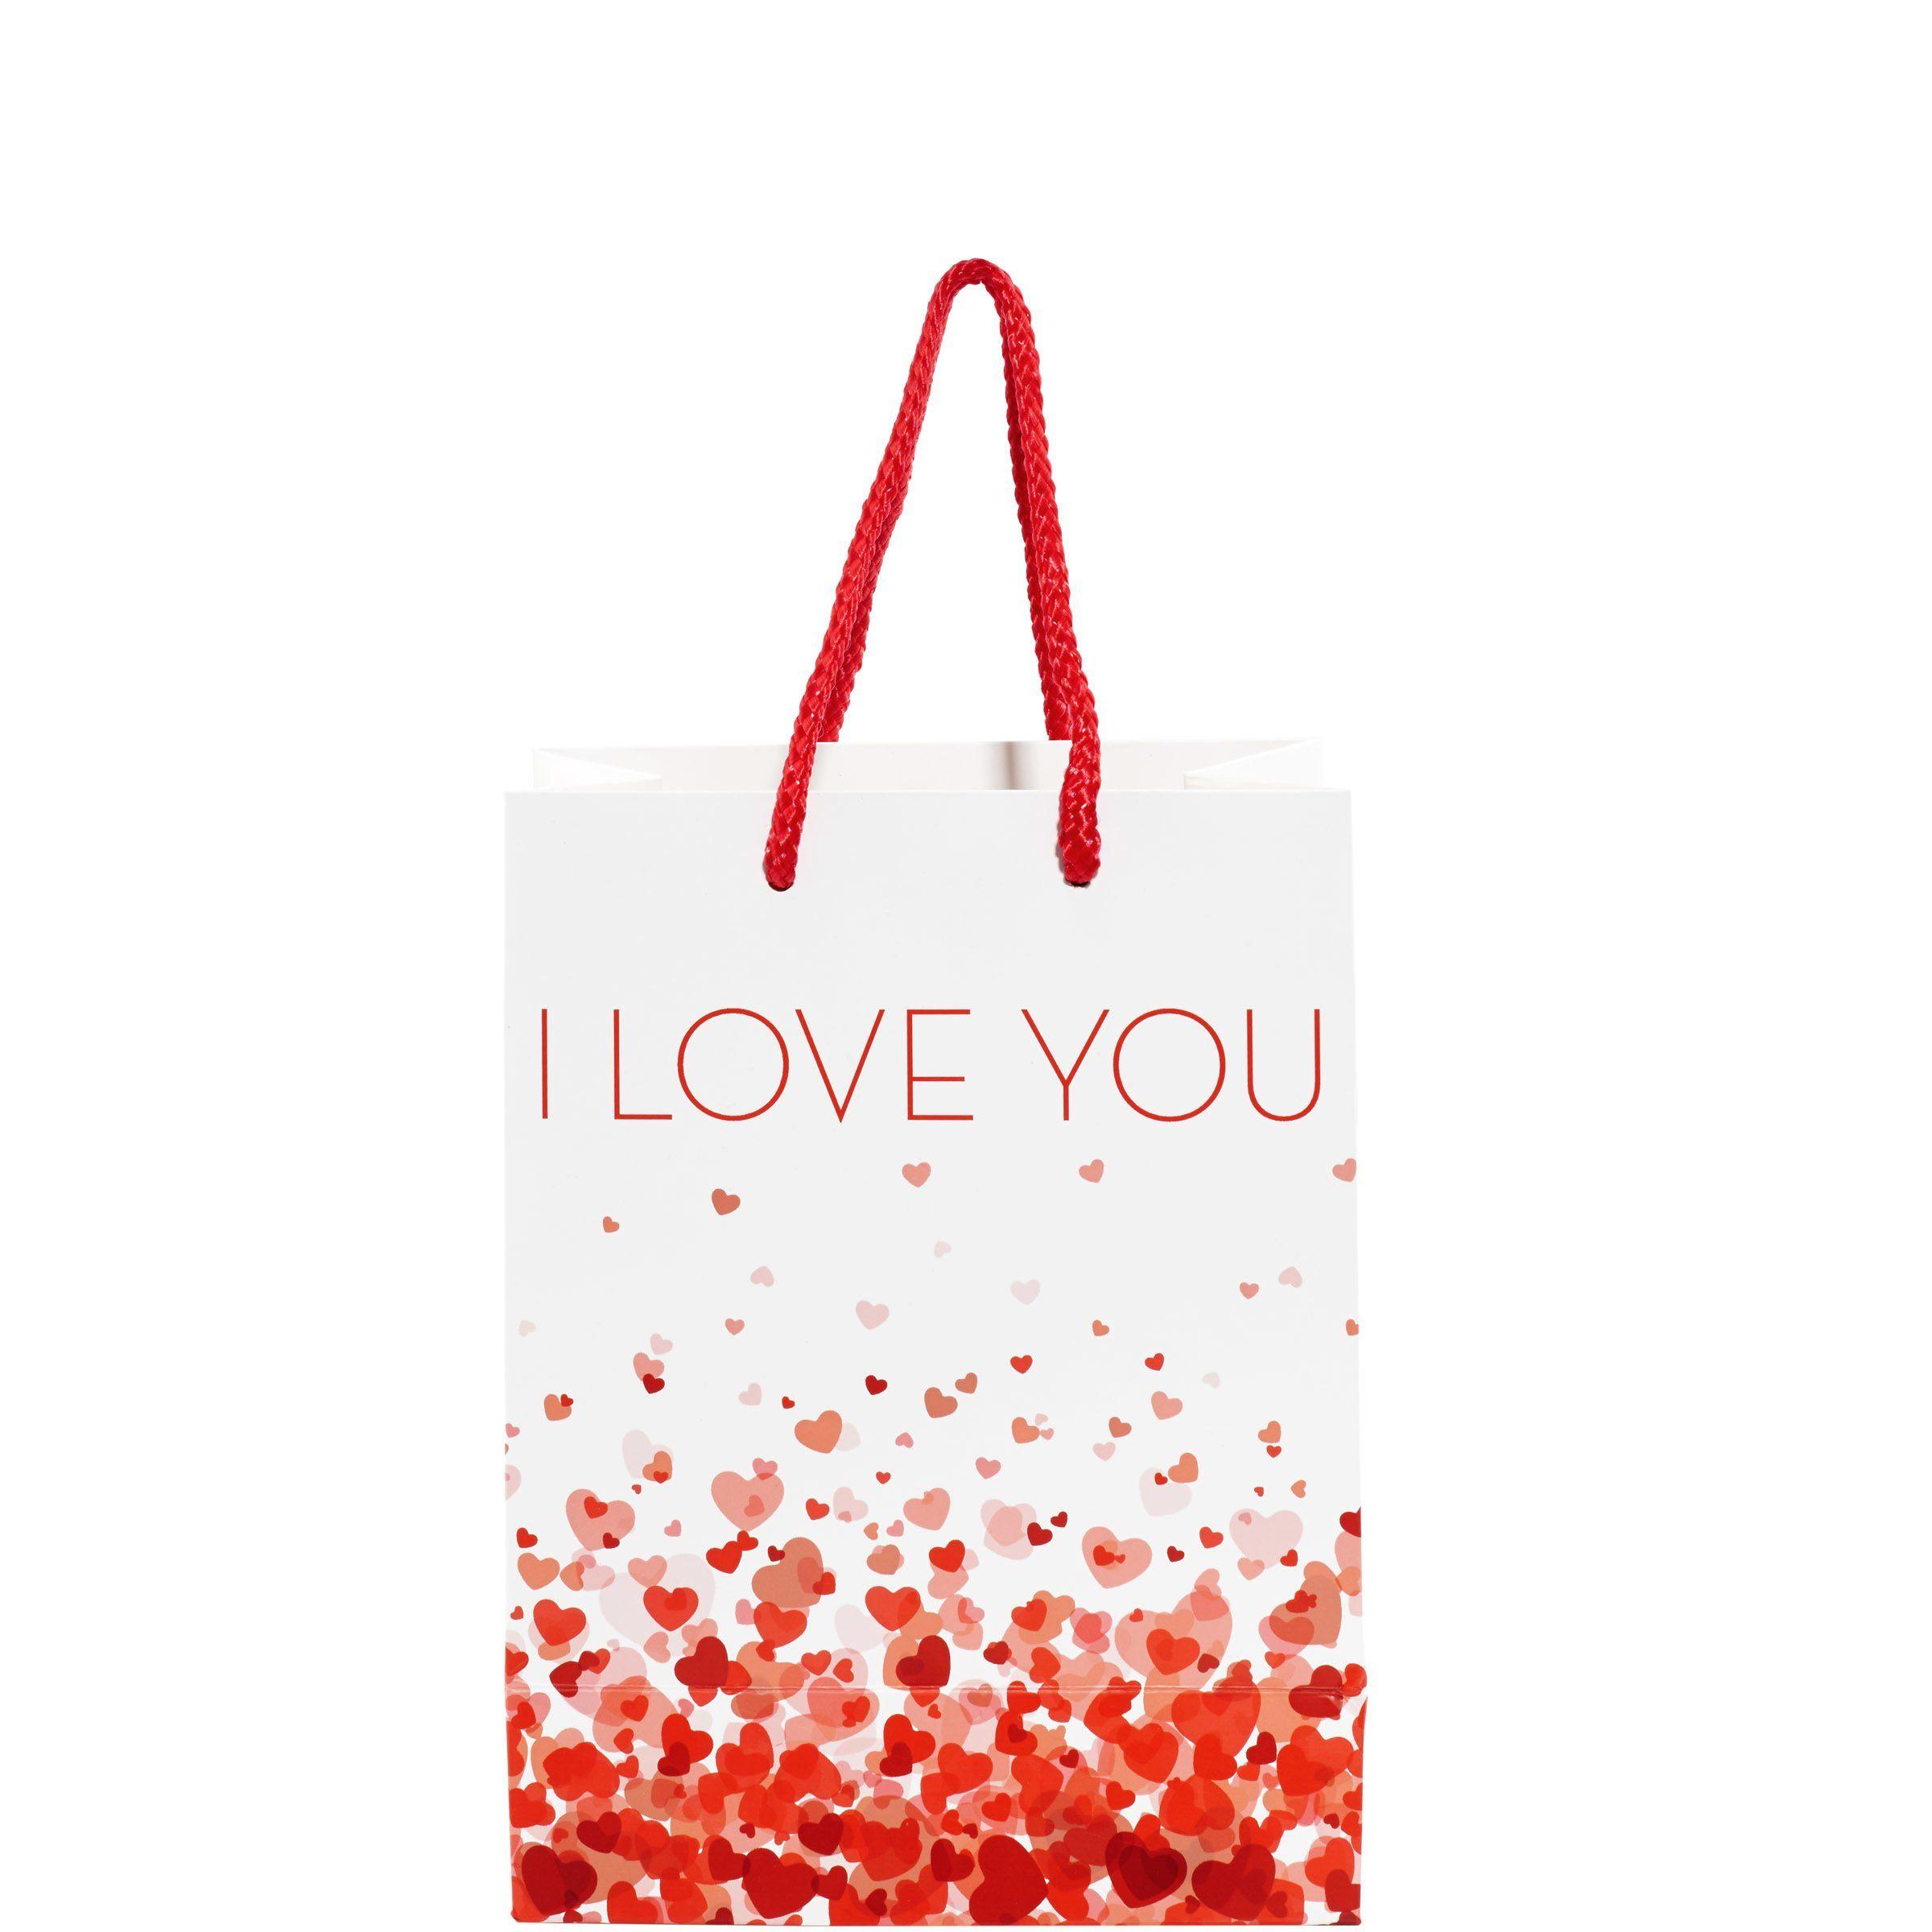 BUTLERS SURPRISE SURPRISE »Geschenktasche I love you«